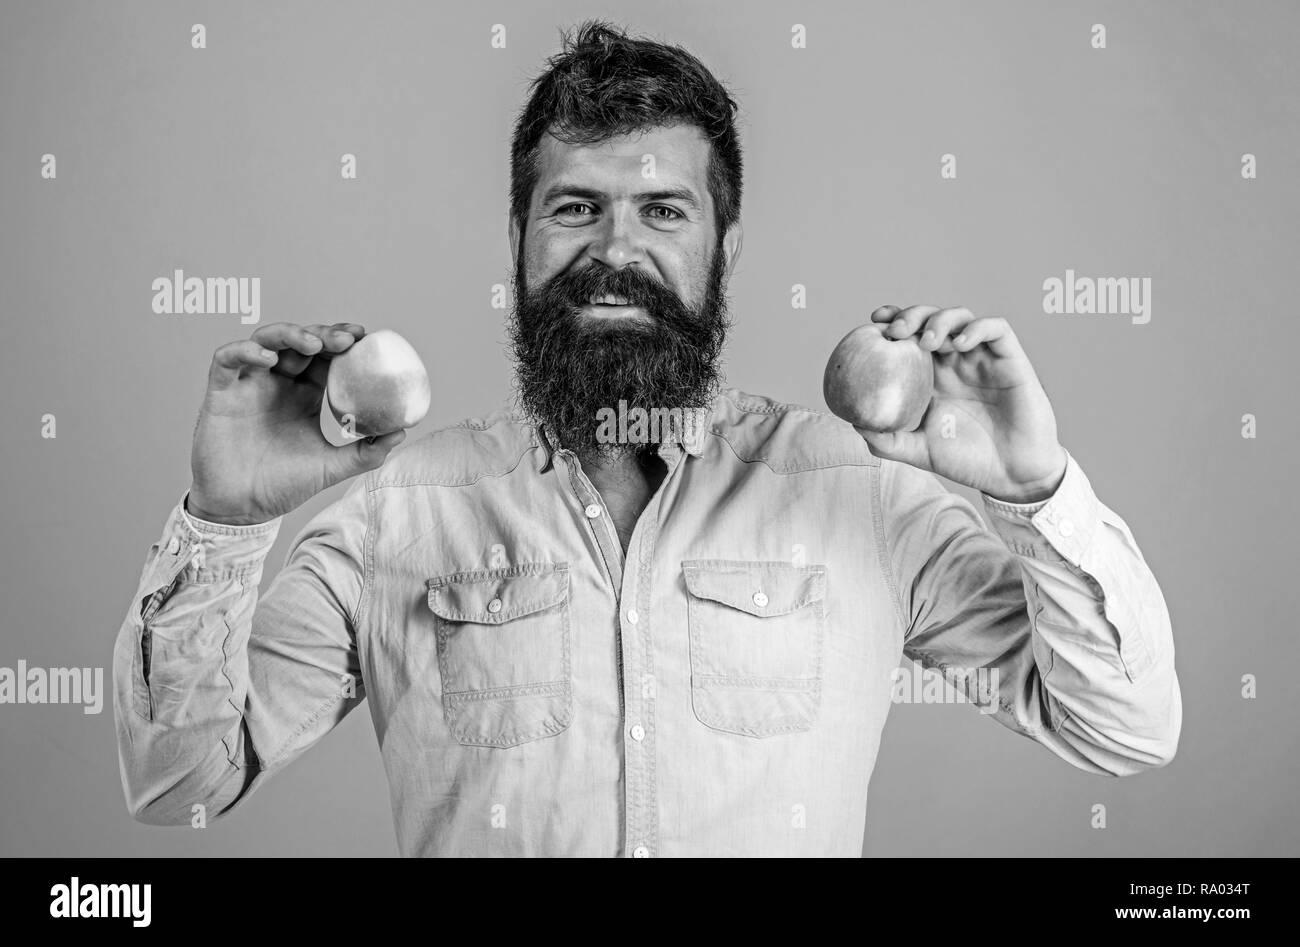 Elección nutricional. Hombre con barba hipster mantenga las manzanas en la mano. Las ventajas para la salud y nutrición de los hechos. Las manzanas tipo popular en el mundo de la fruta. Las manzanas compuestos antioxidantes responsables los beneficios para la salud. Imagen De Stock